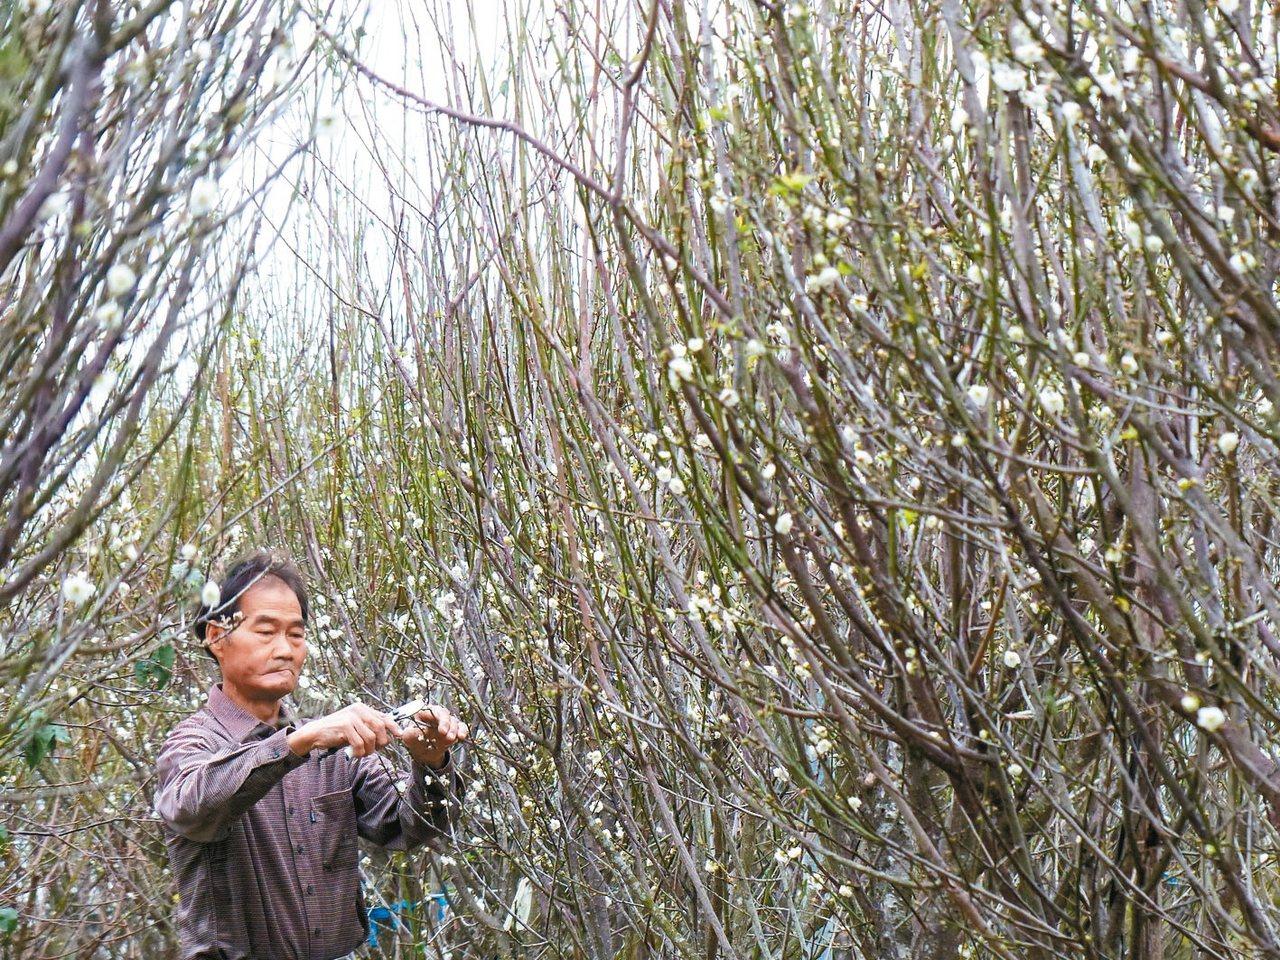 芬園花卉生產遊憩園區鴛鴦梅盛開,美不勝收。 記者劉明岩/攝影